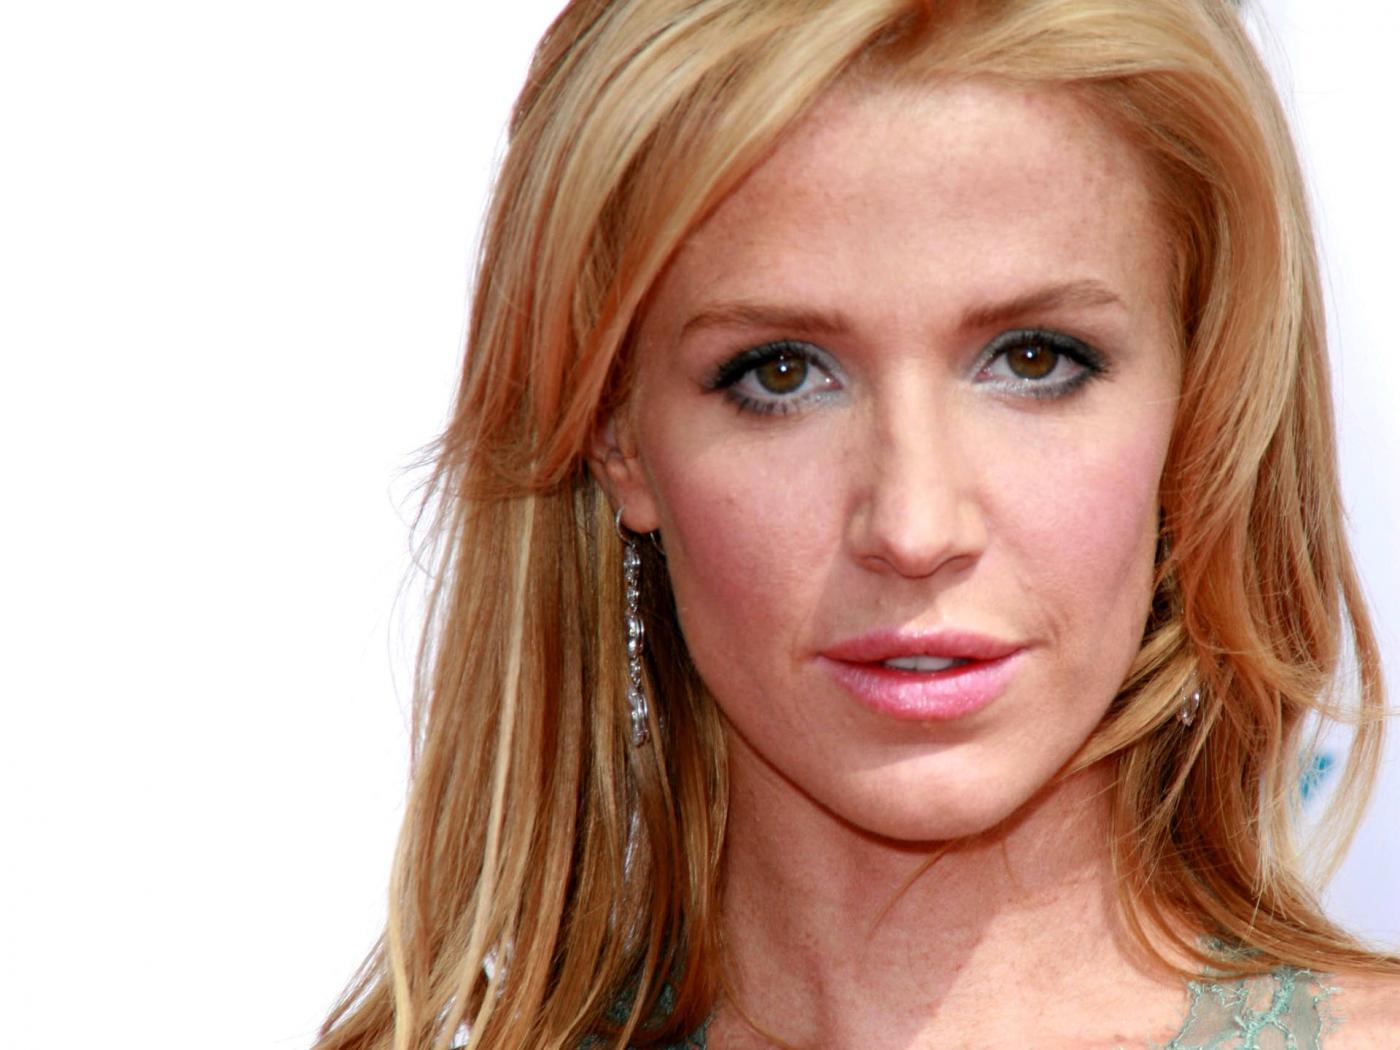 http://3.bp.blogspot.com/-hV7sURcMDu4/TdTOS-JhQwI/AAAAAAAAQEo/xq__HFfN-e8/s1600/australian-actress-poppy-montgomery-wallpaper.jpg